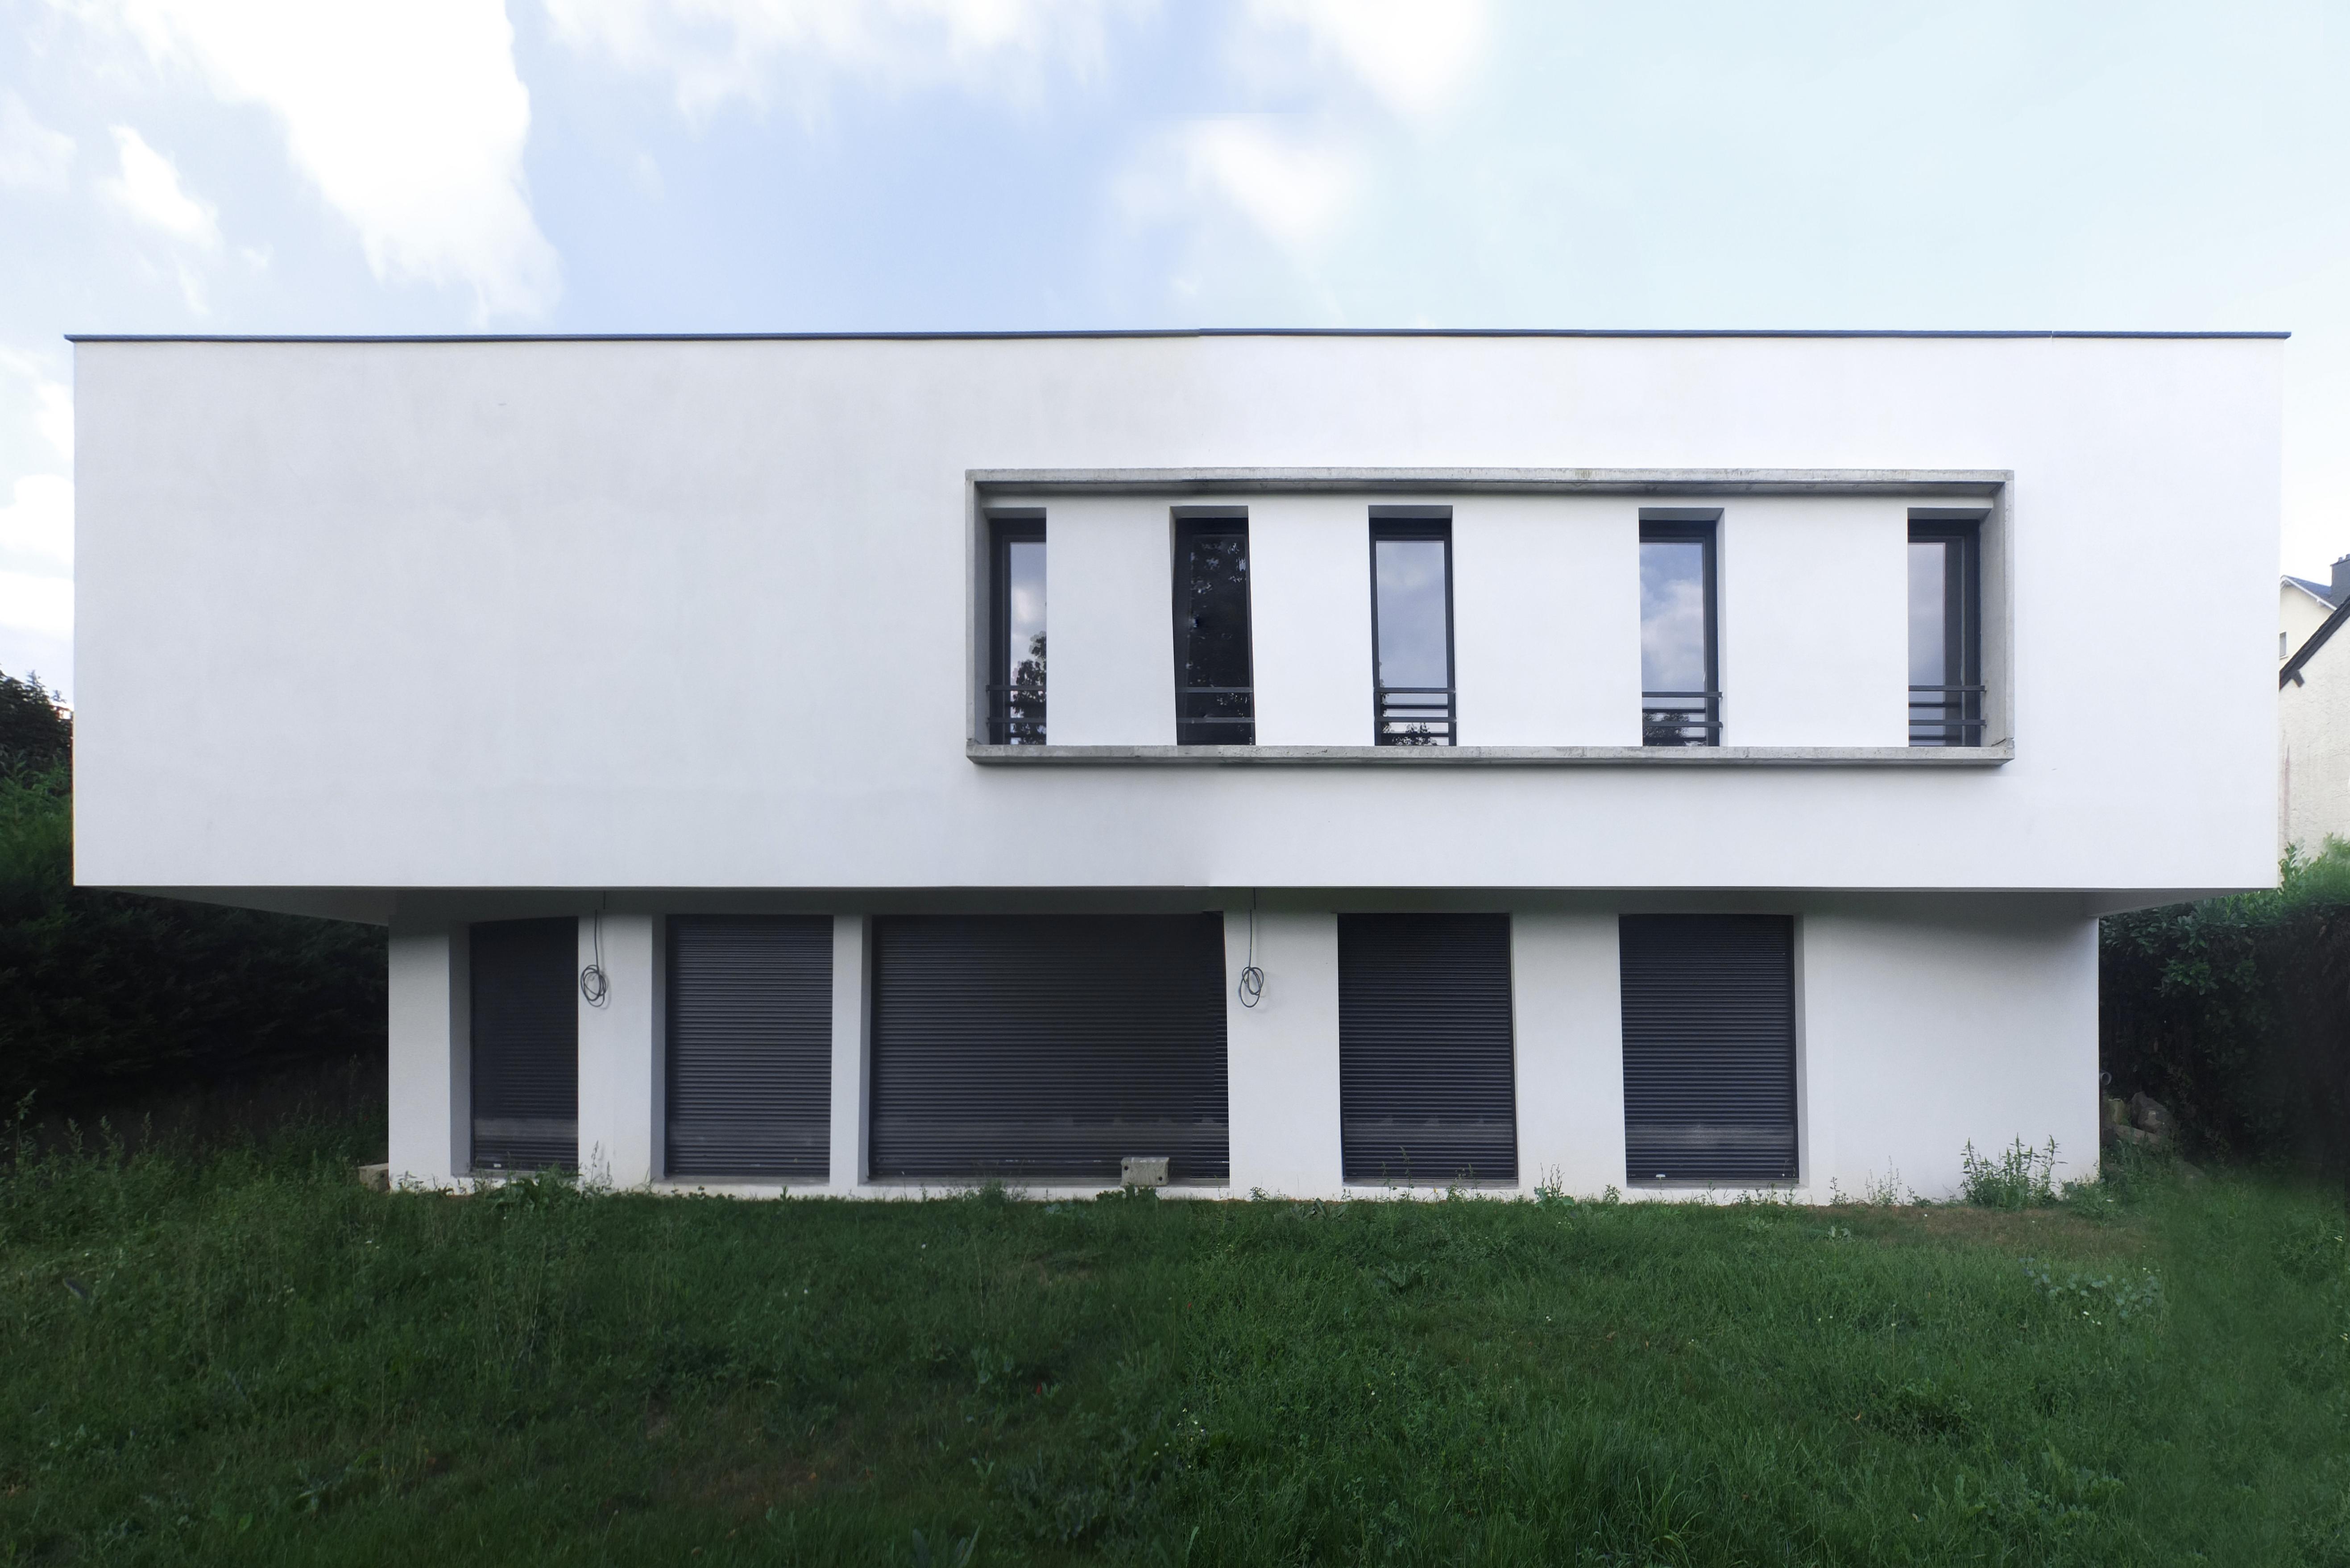 1 maison rodez zoomfactor architectes paris. Black Bedroom Furniture Sets. Home Design Ideas